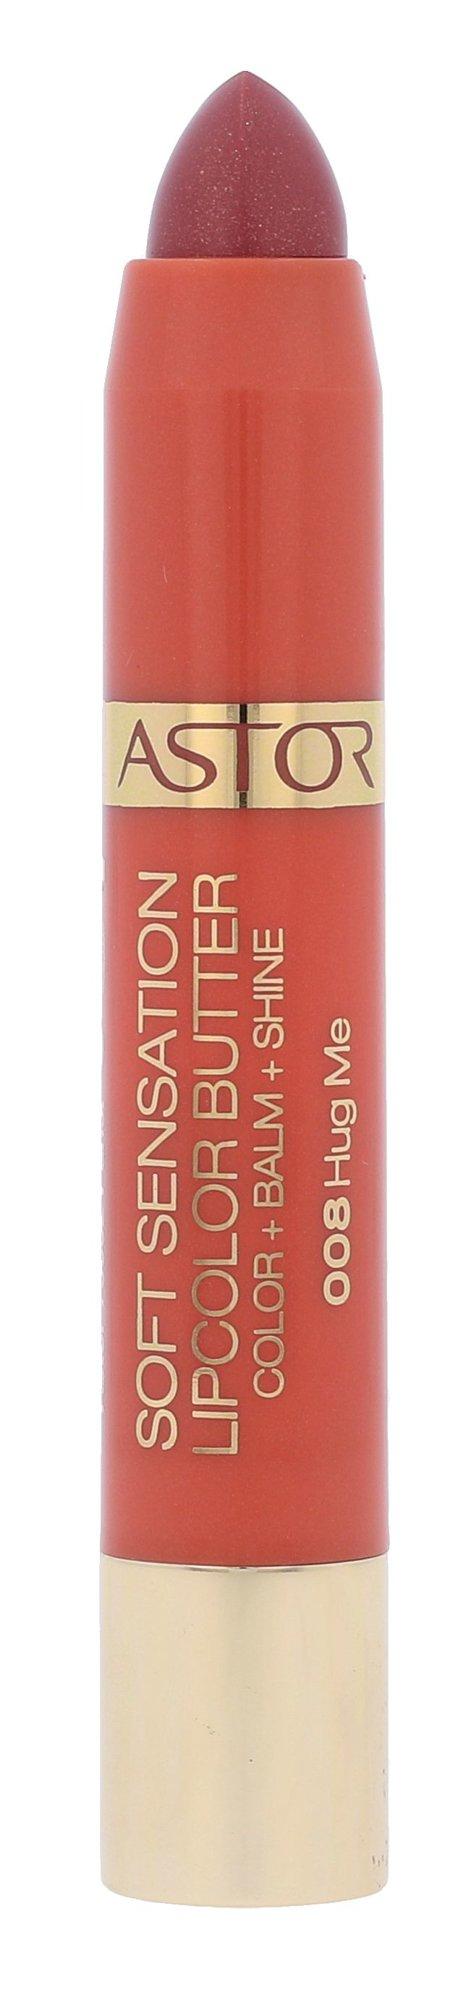 ASTOR Soft Sensation Cosmetic 4,8ml 008 Hug Me